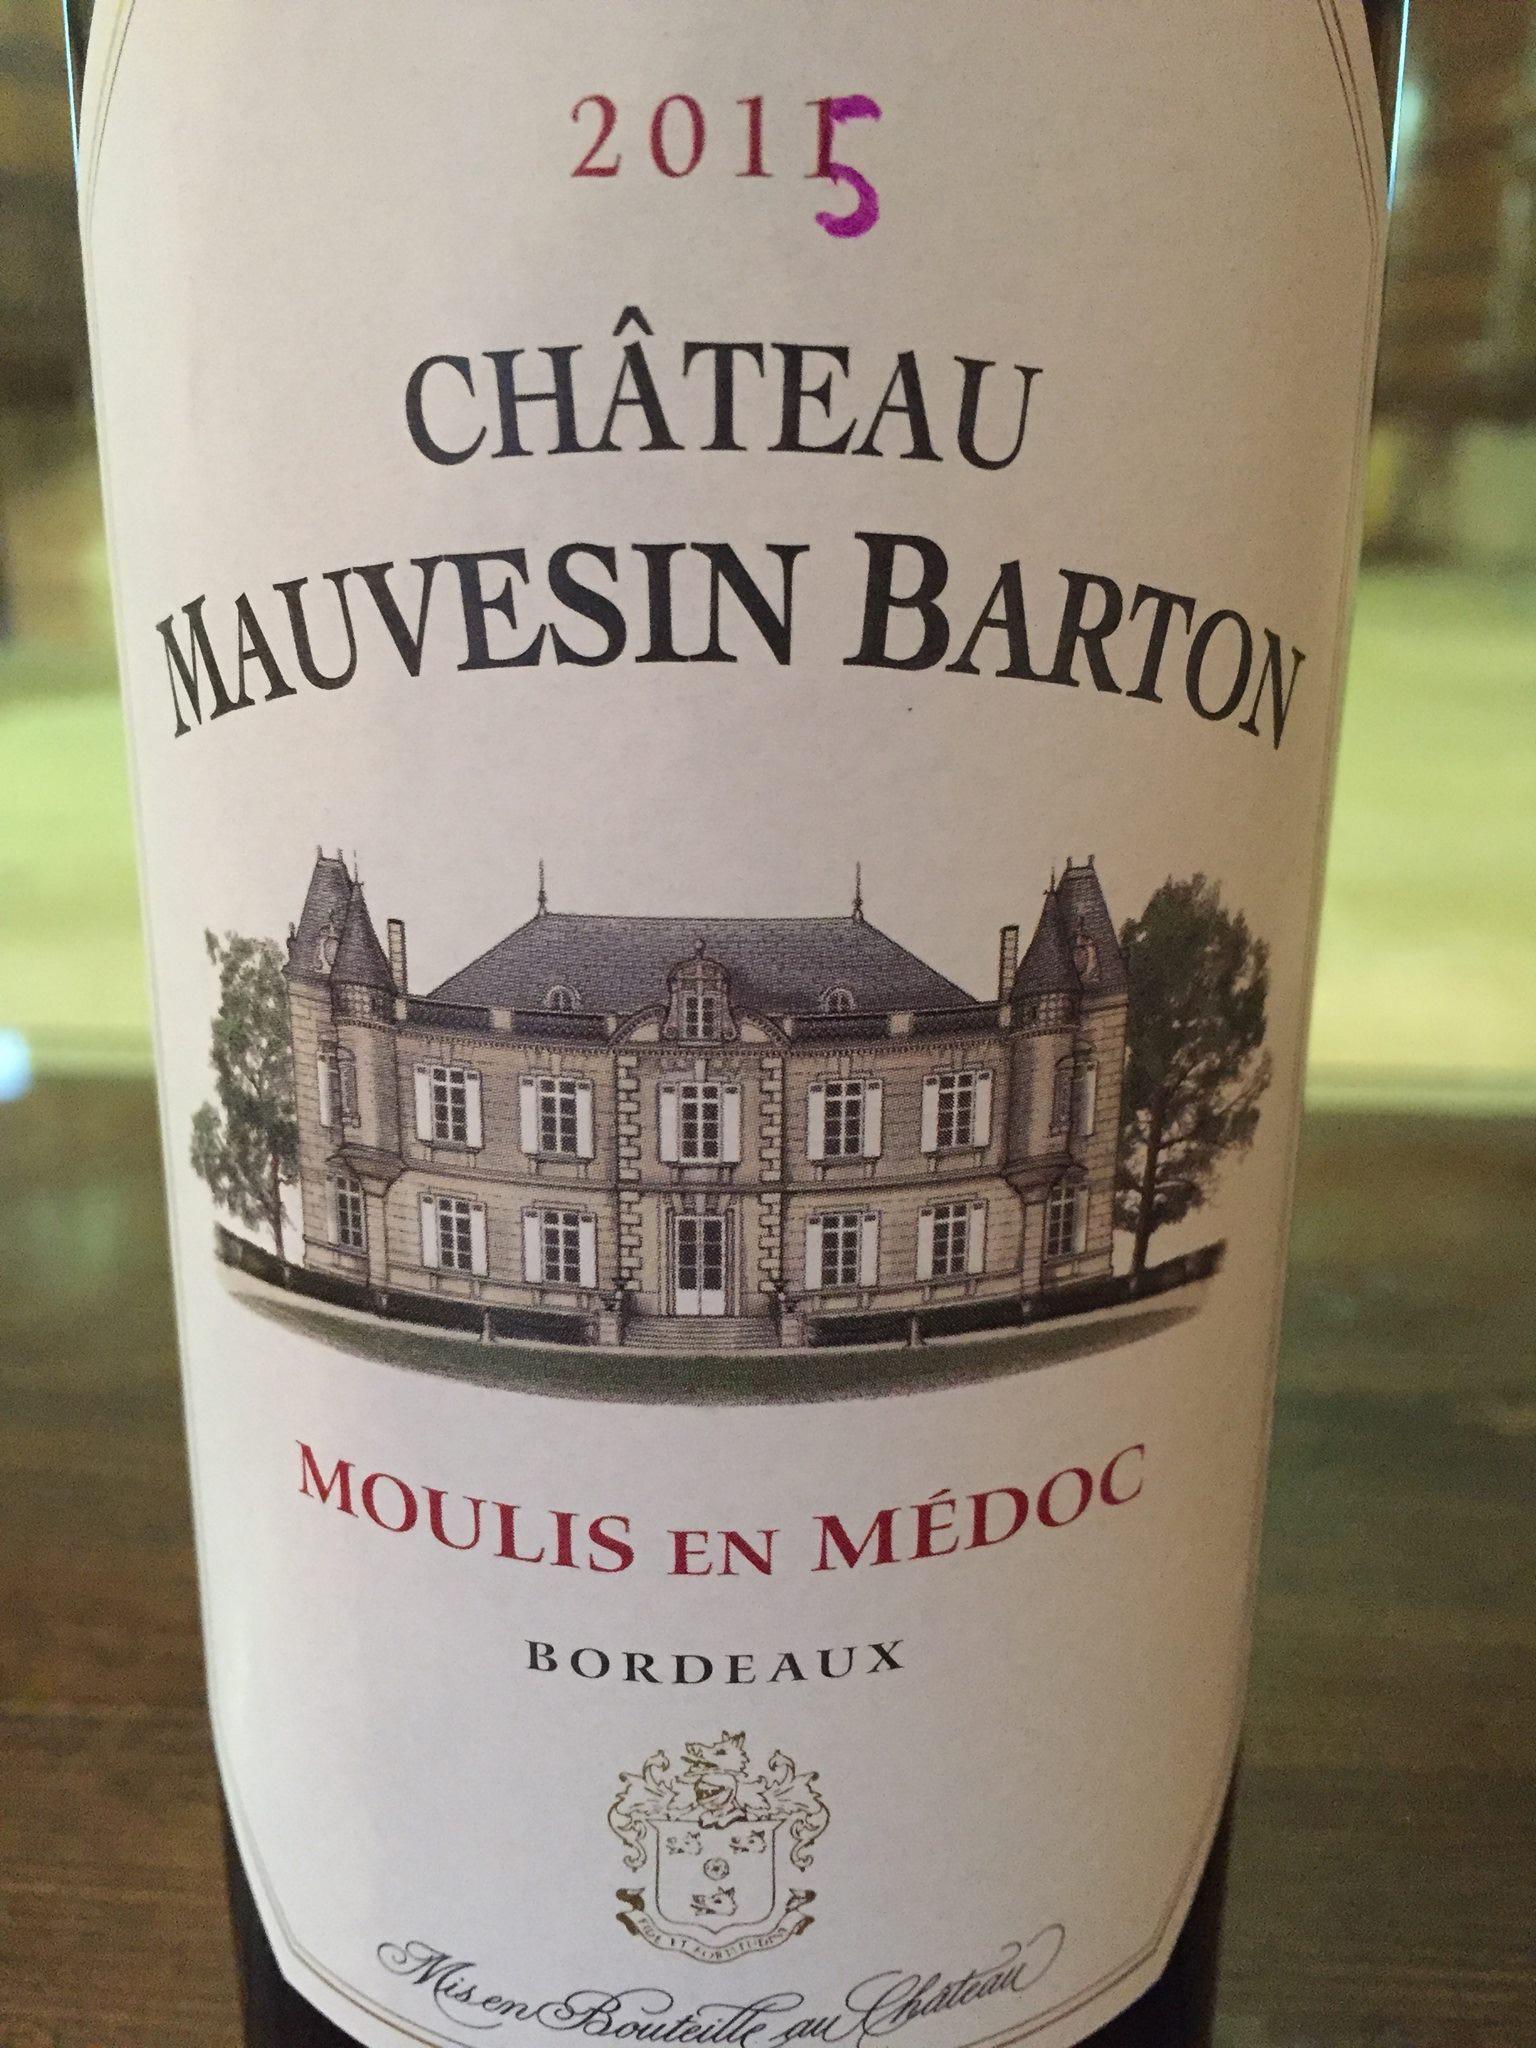 Château Mauvesin Barton 2015 – Moulis-en-Médoc